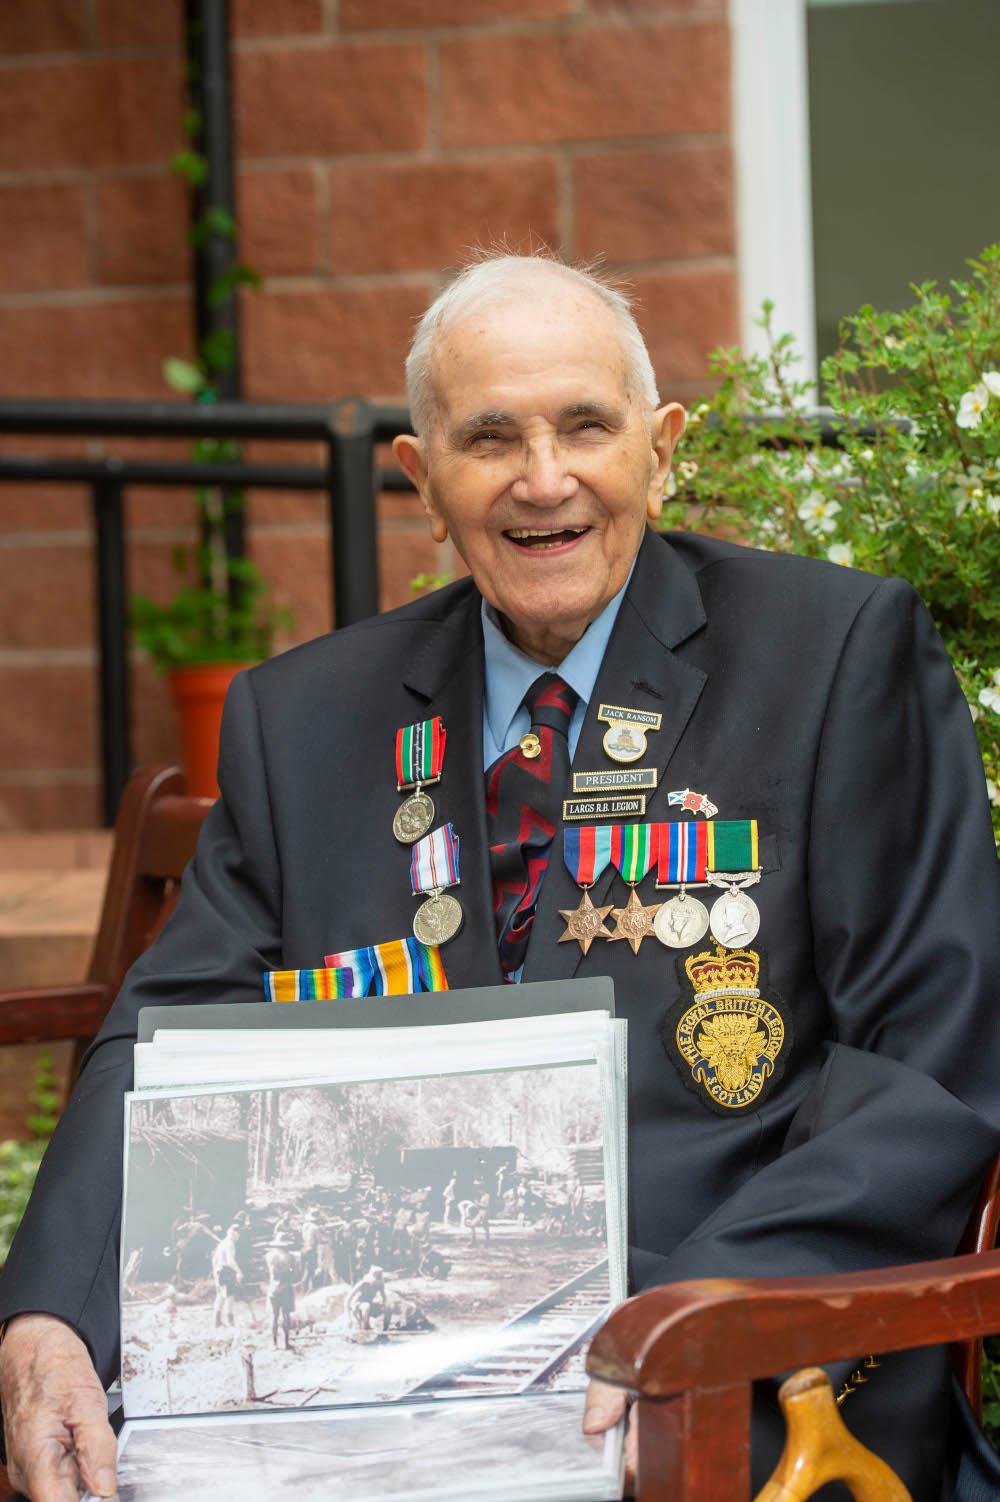 Veteran Jack Ransom